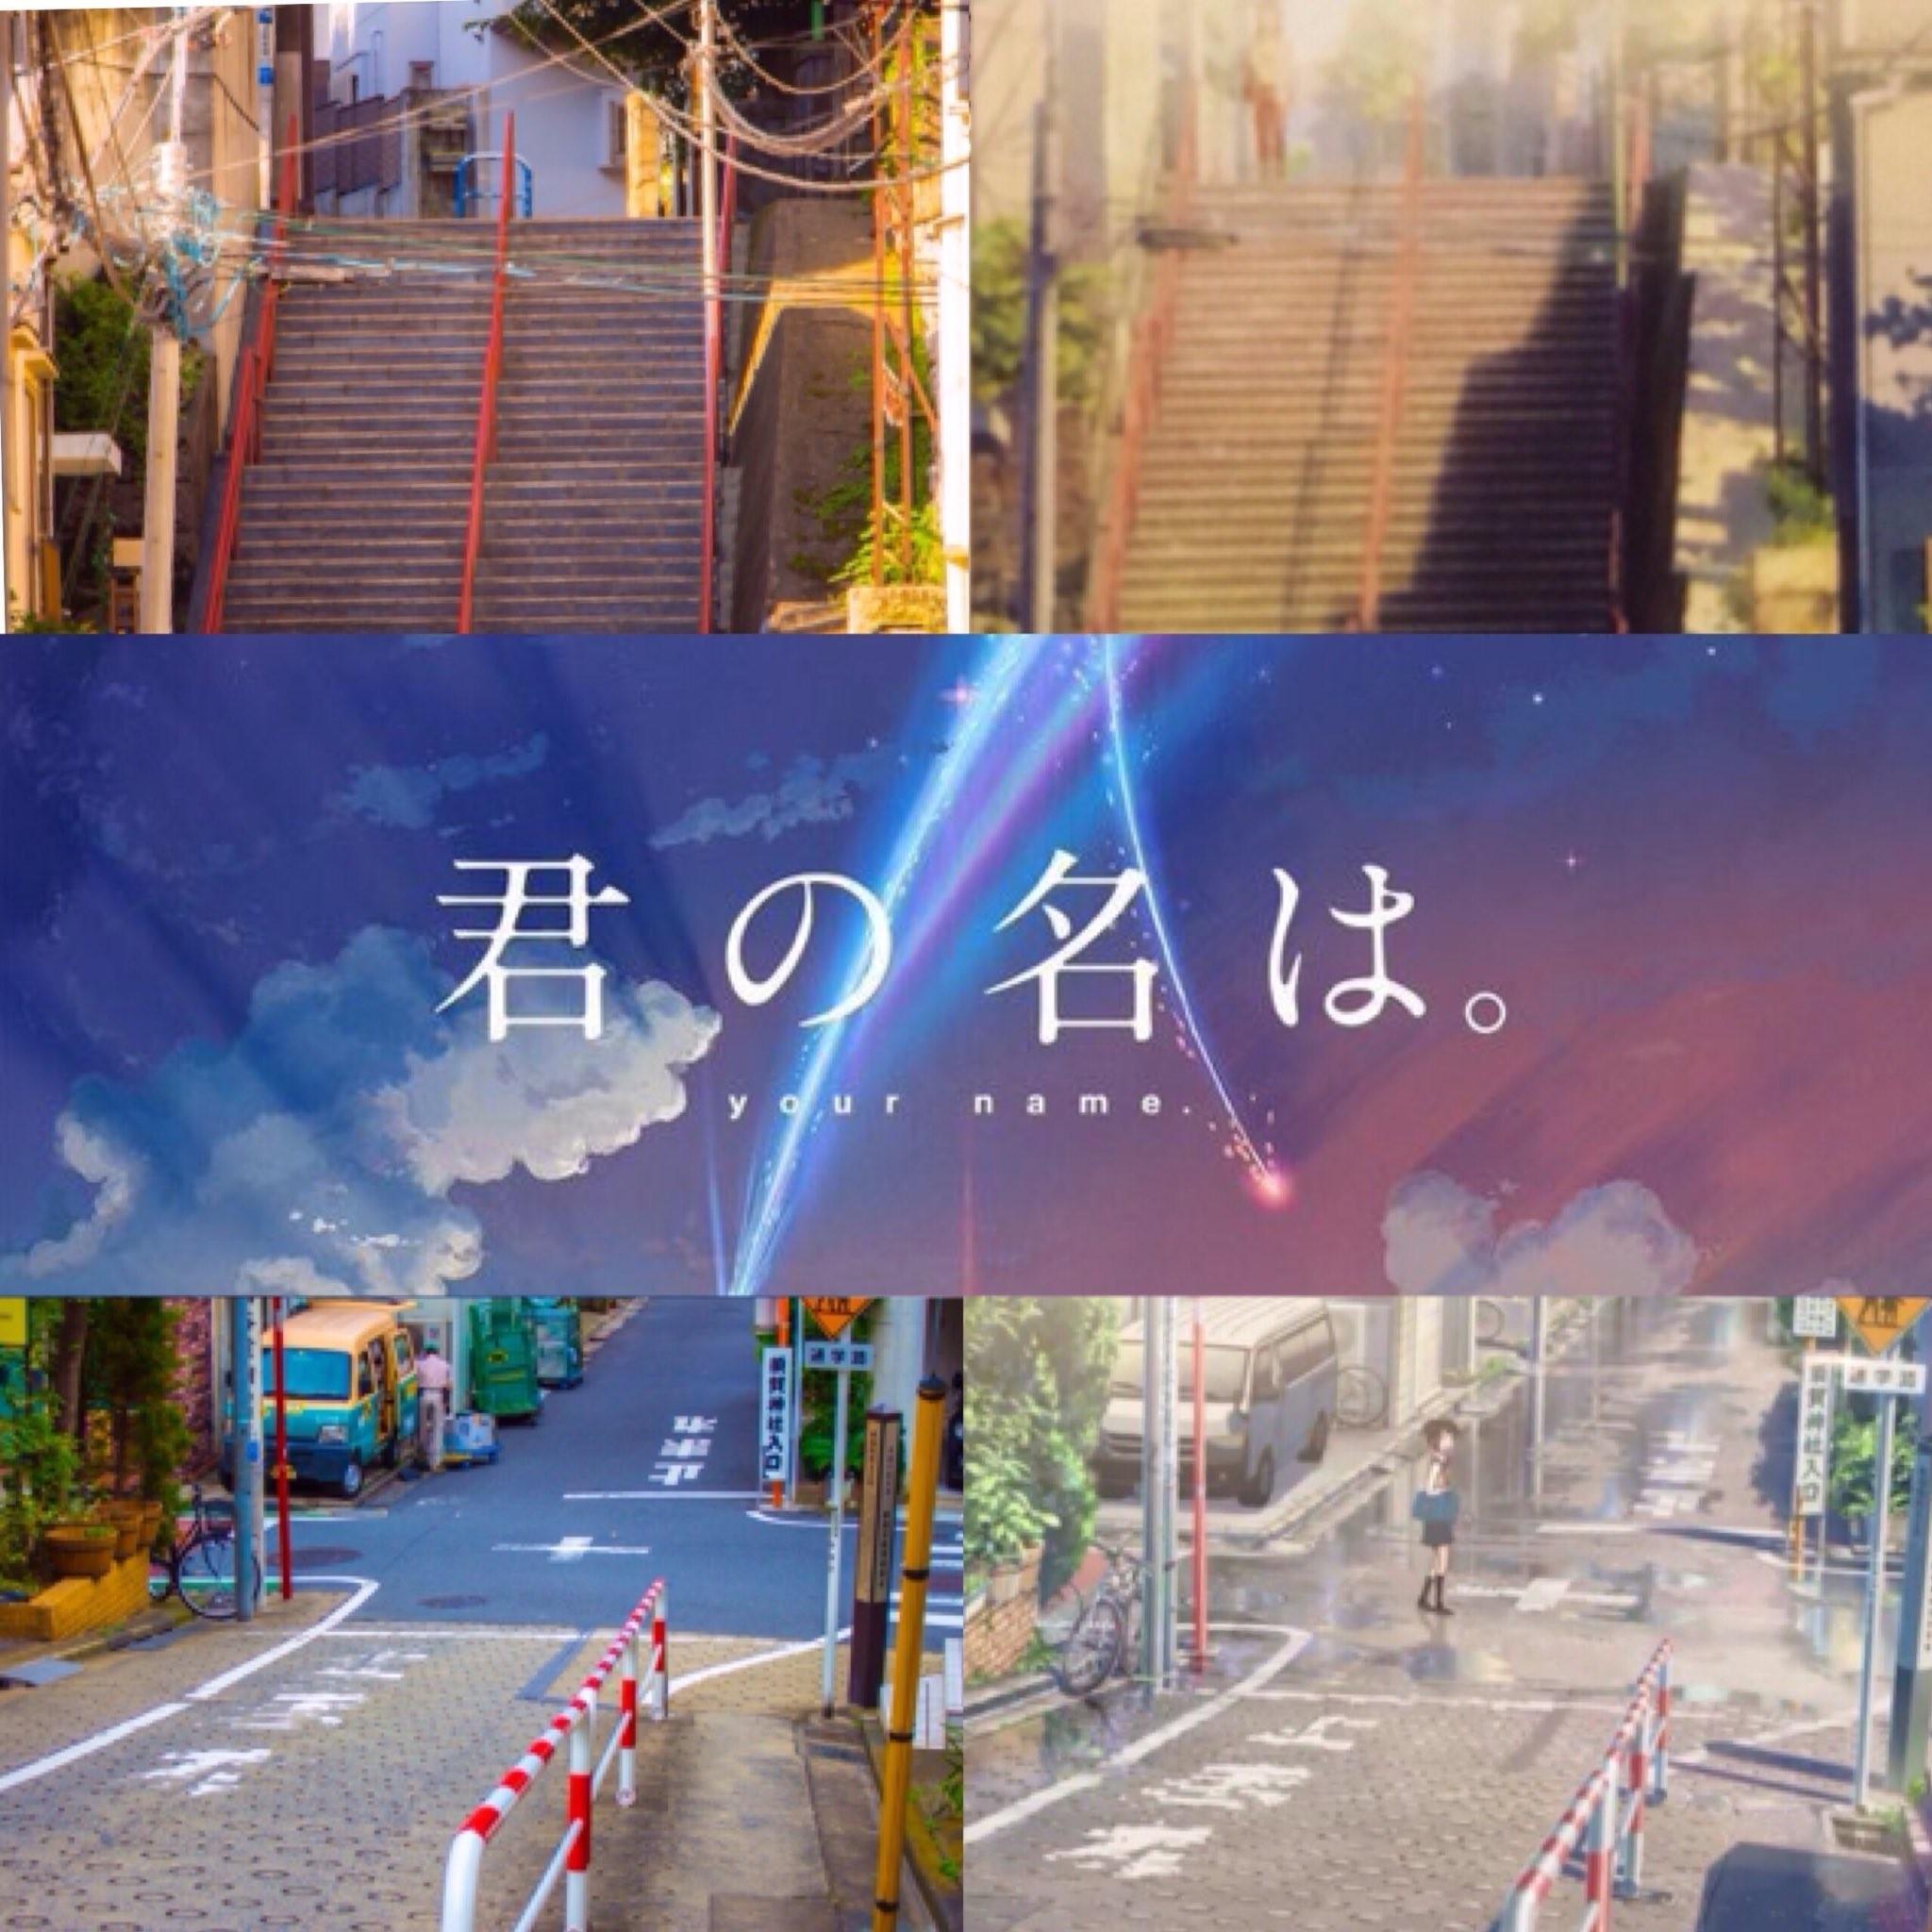 《你的名字》场景神美还原!东京步道桥,神社成热门景点